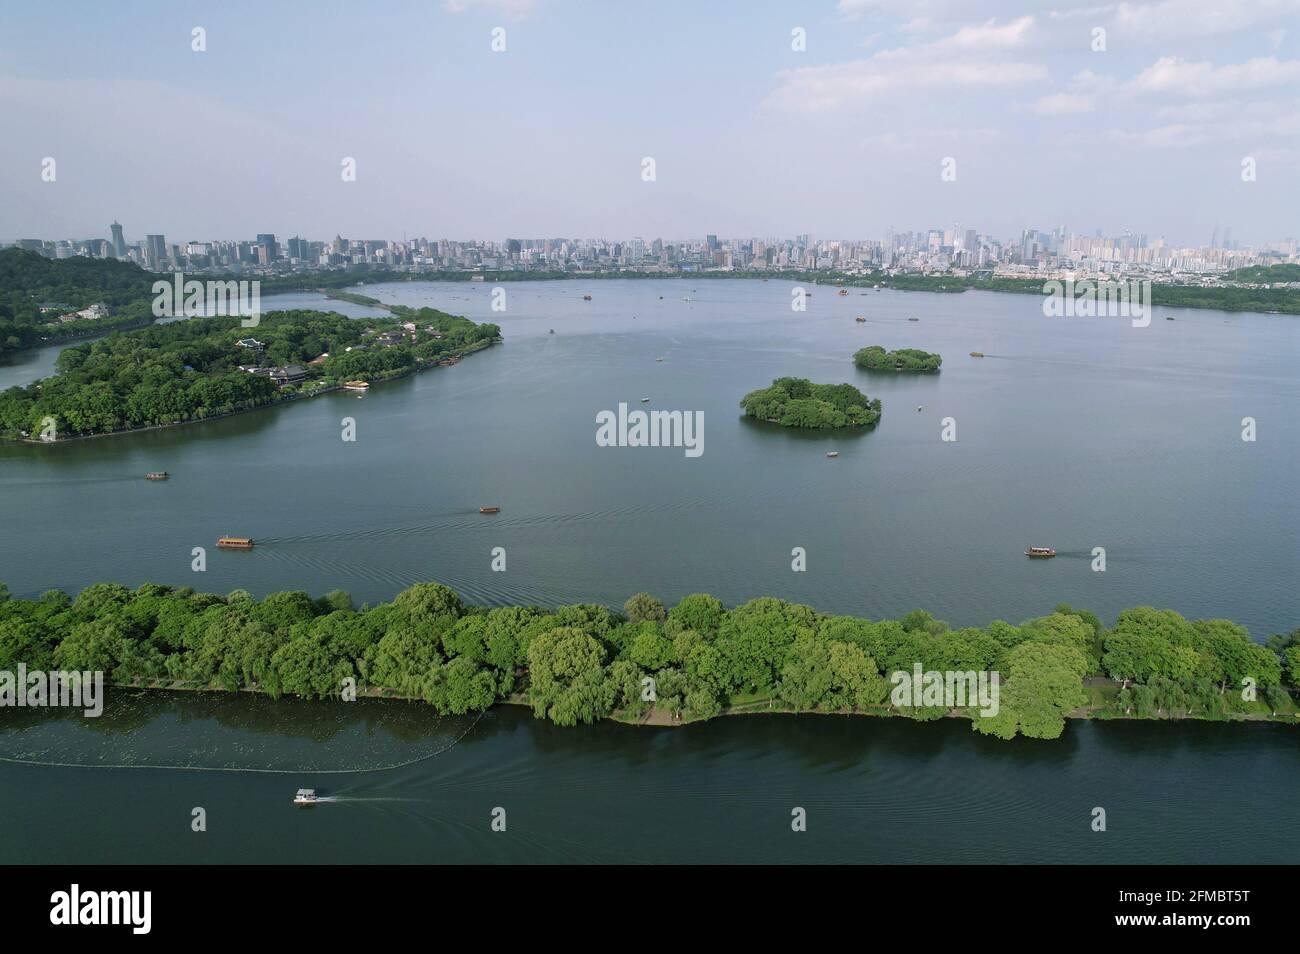 Hangzhou. 7 mai 2021. La photo aérienne prise le 7 mai 2021 montre une vue sur la région pittoresque du lac Ouest à Hangzhou, capitale de la province de Zhejiang en Chine orientale. Crédit: Long Wei/Xinhua/Alay Live News Banque D'Images